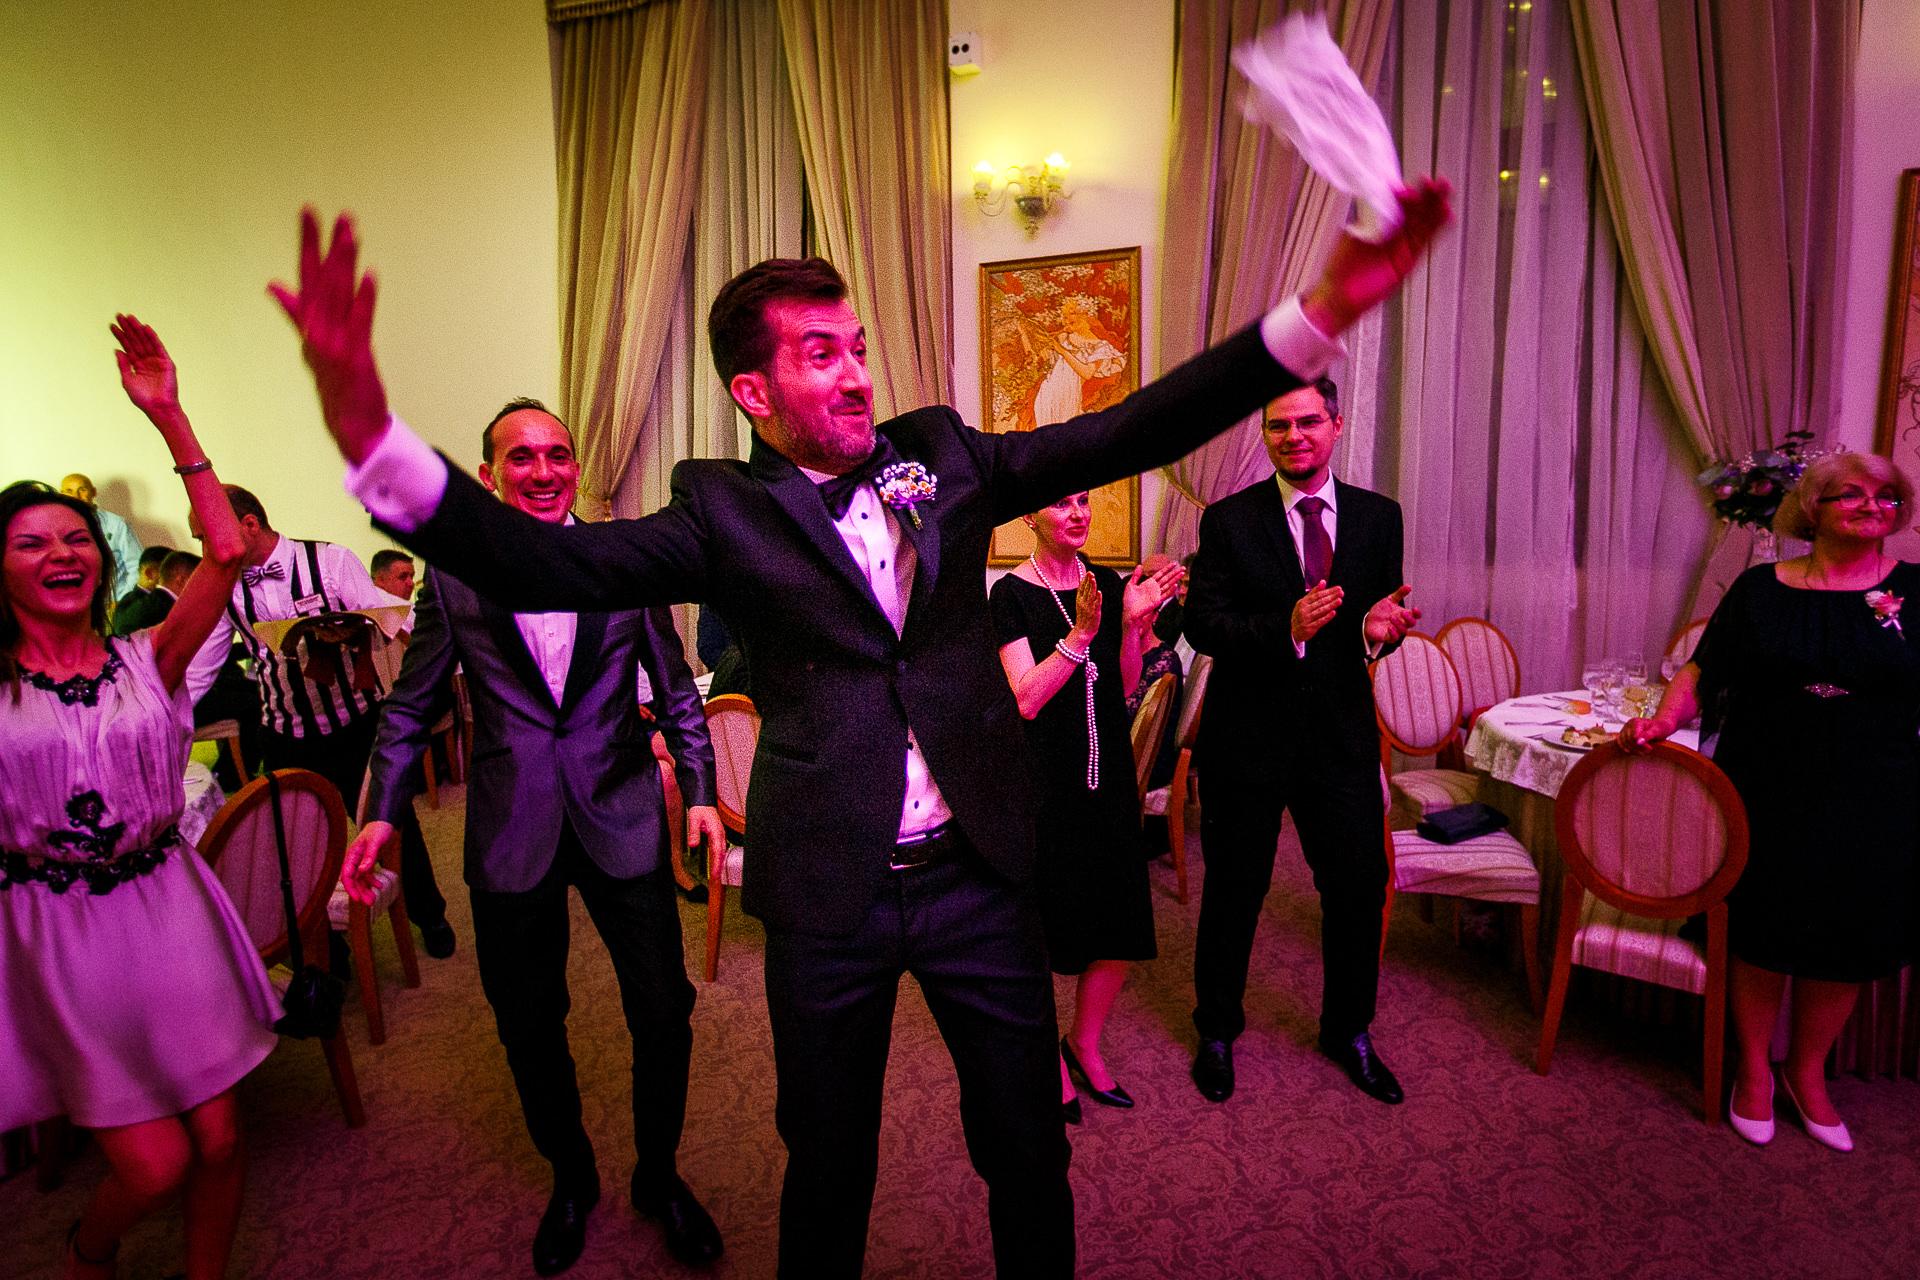 nuntă Salon Elisabeta - Elena şi Costin - Mihai Zaharia Photography - 061